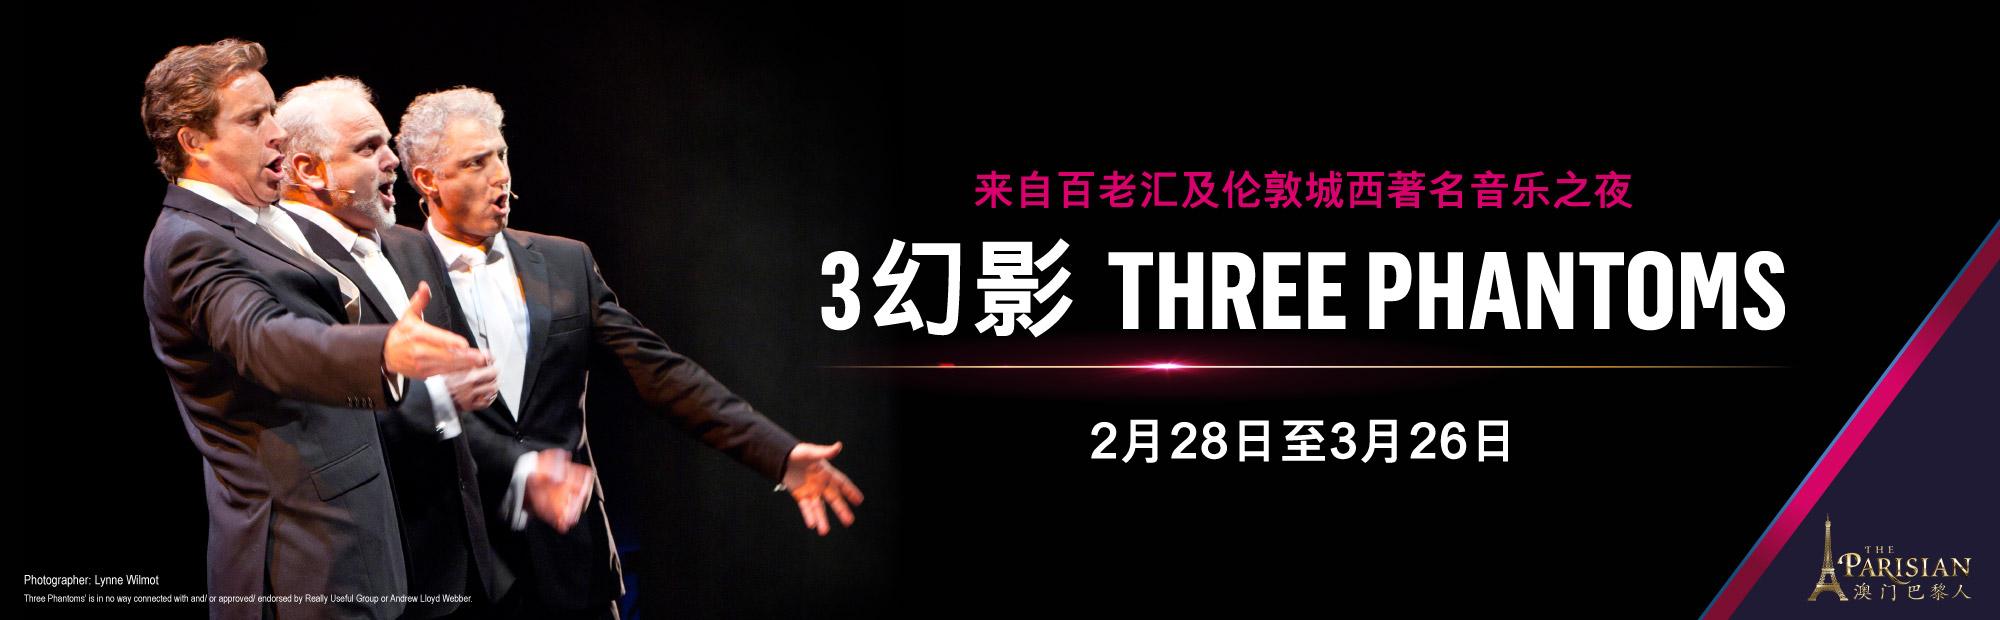 3幻影澳门音乐剧